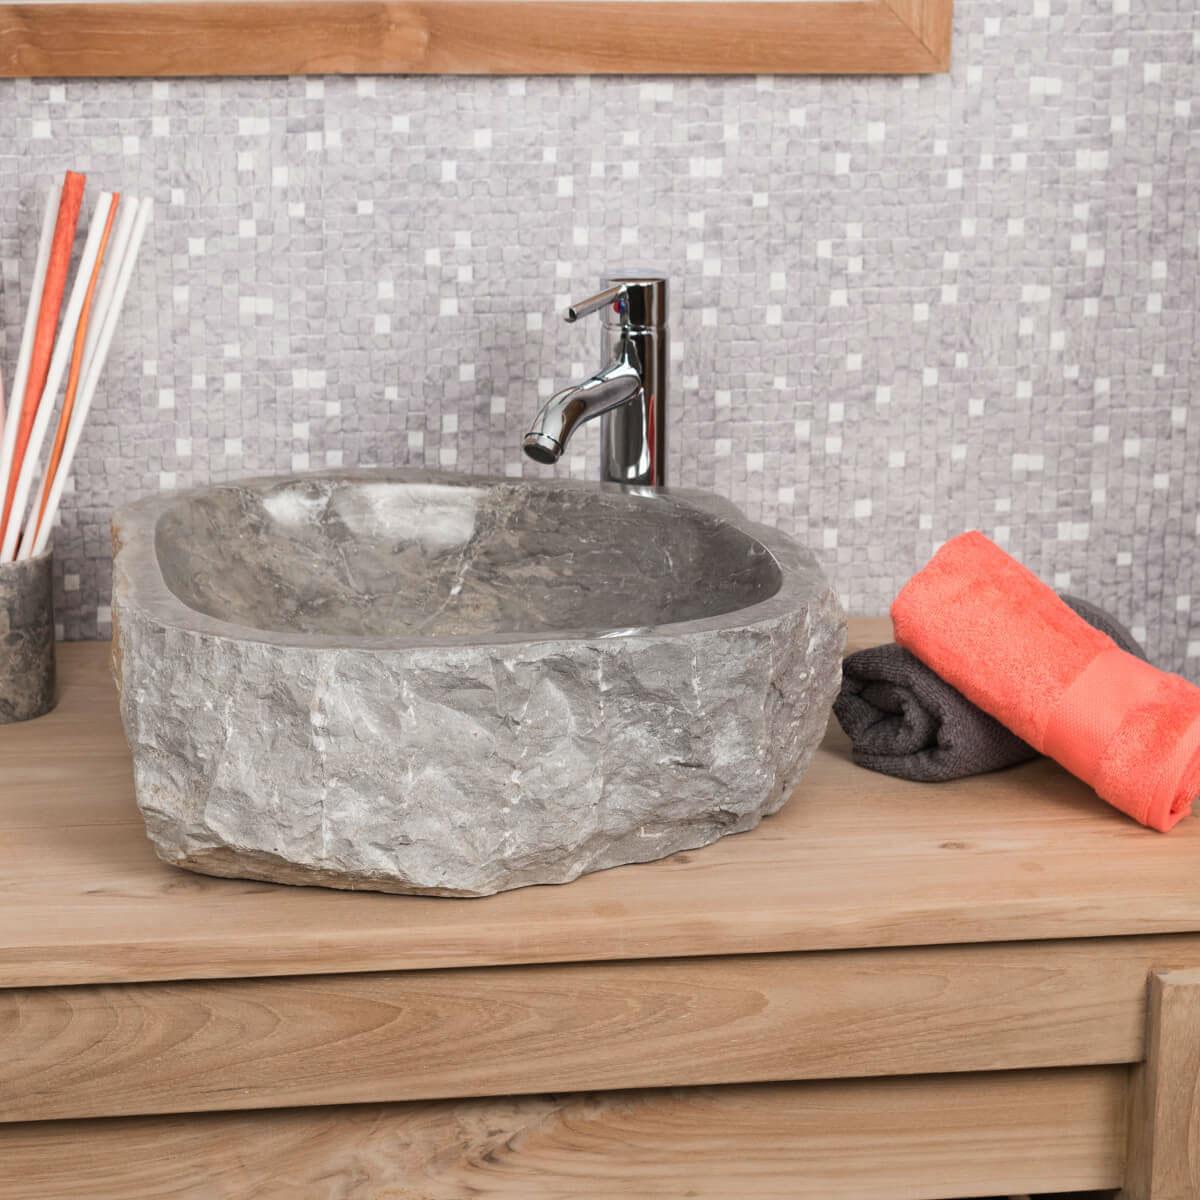 lavabo sobre encimera de mármol: Roca, rectángulo, gris, ancho: 35-40 cm